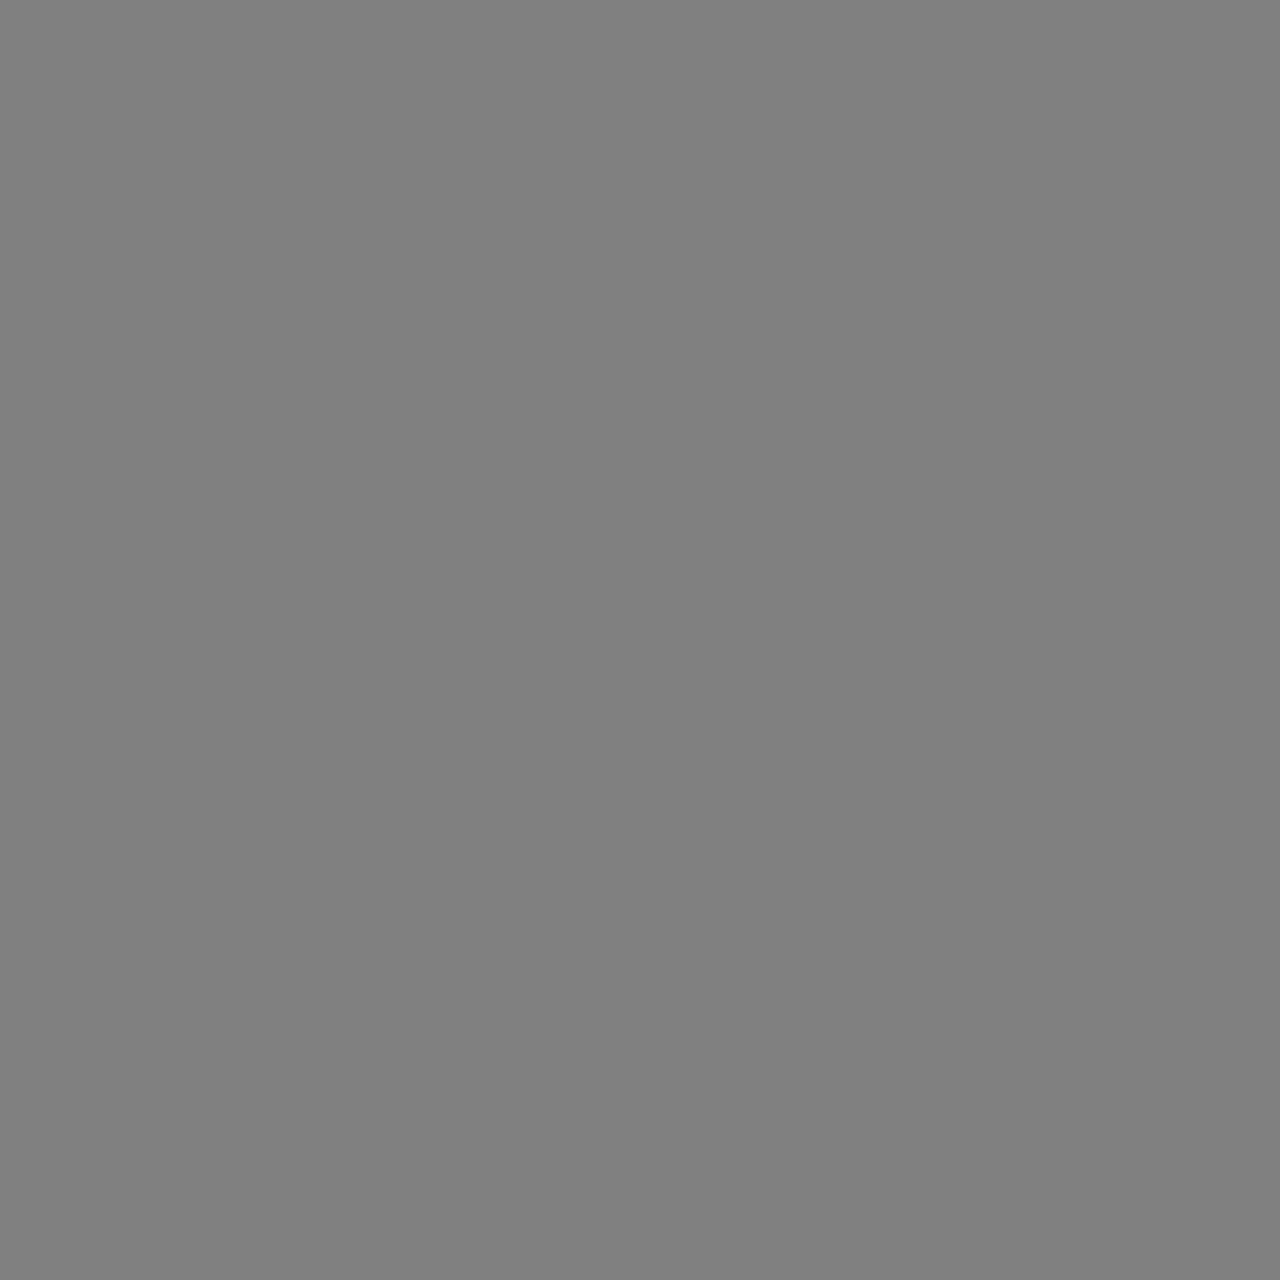 Lee Gels Sheet #209 .3 Neutral Density